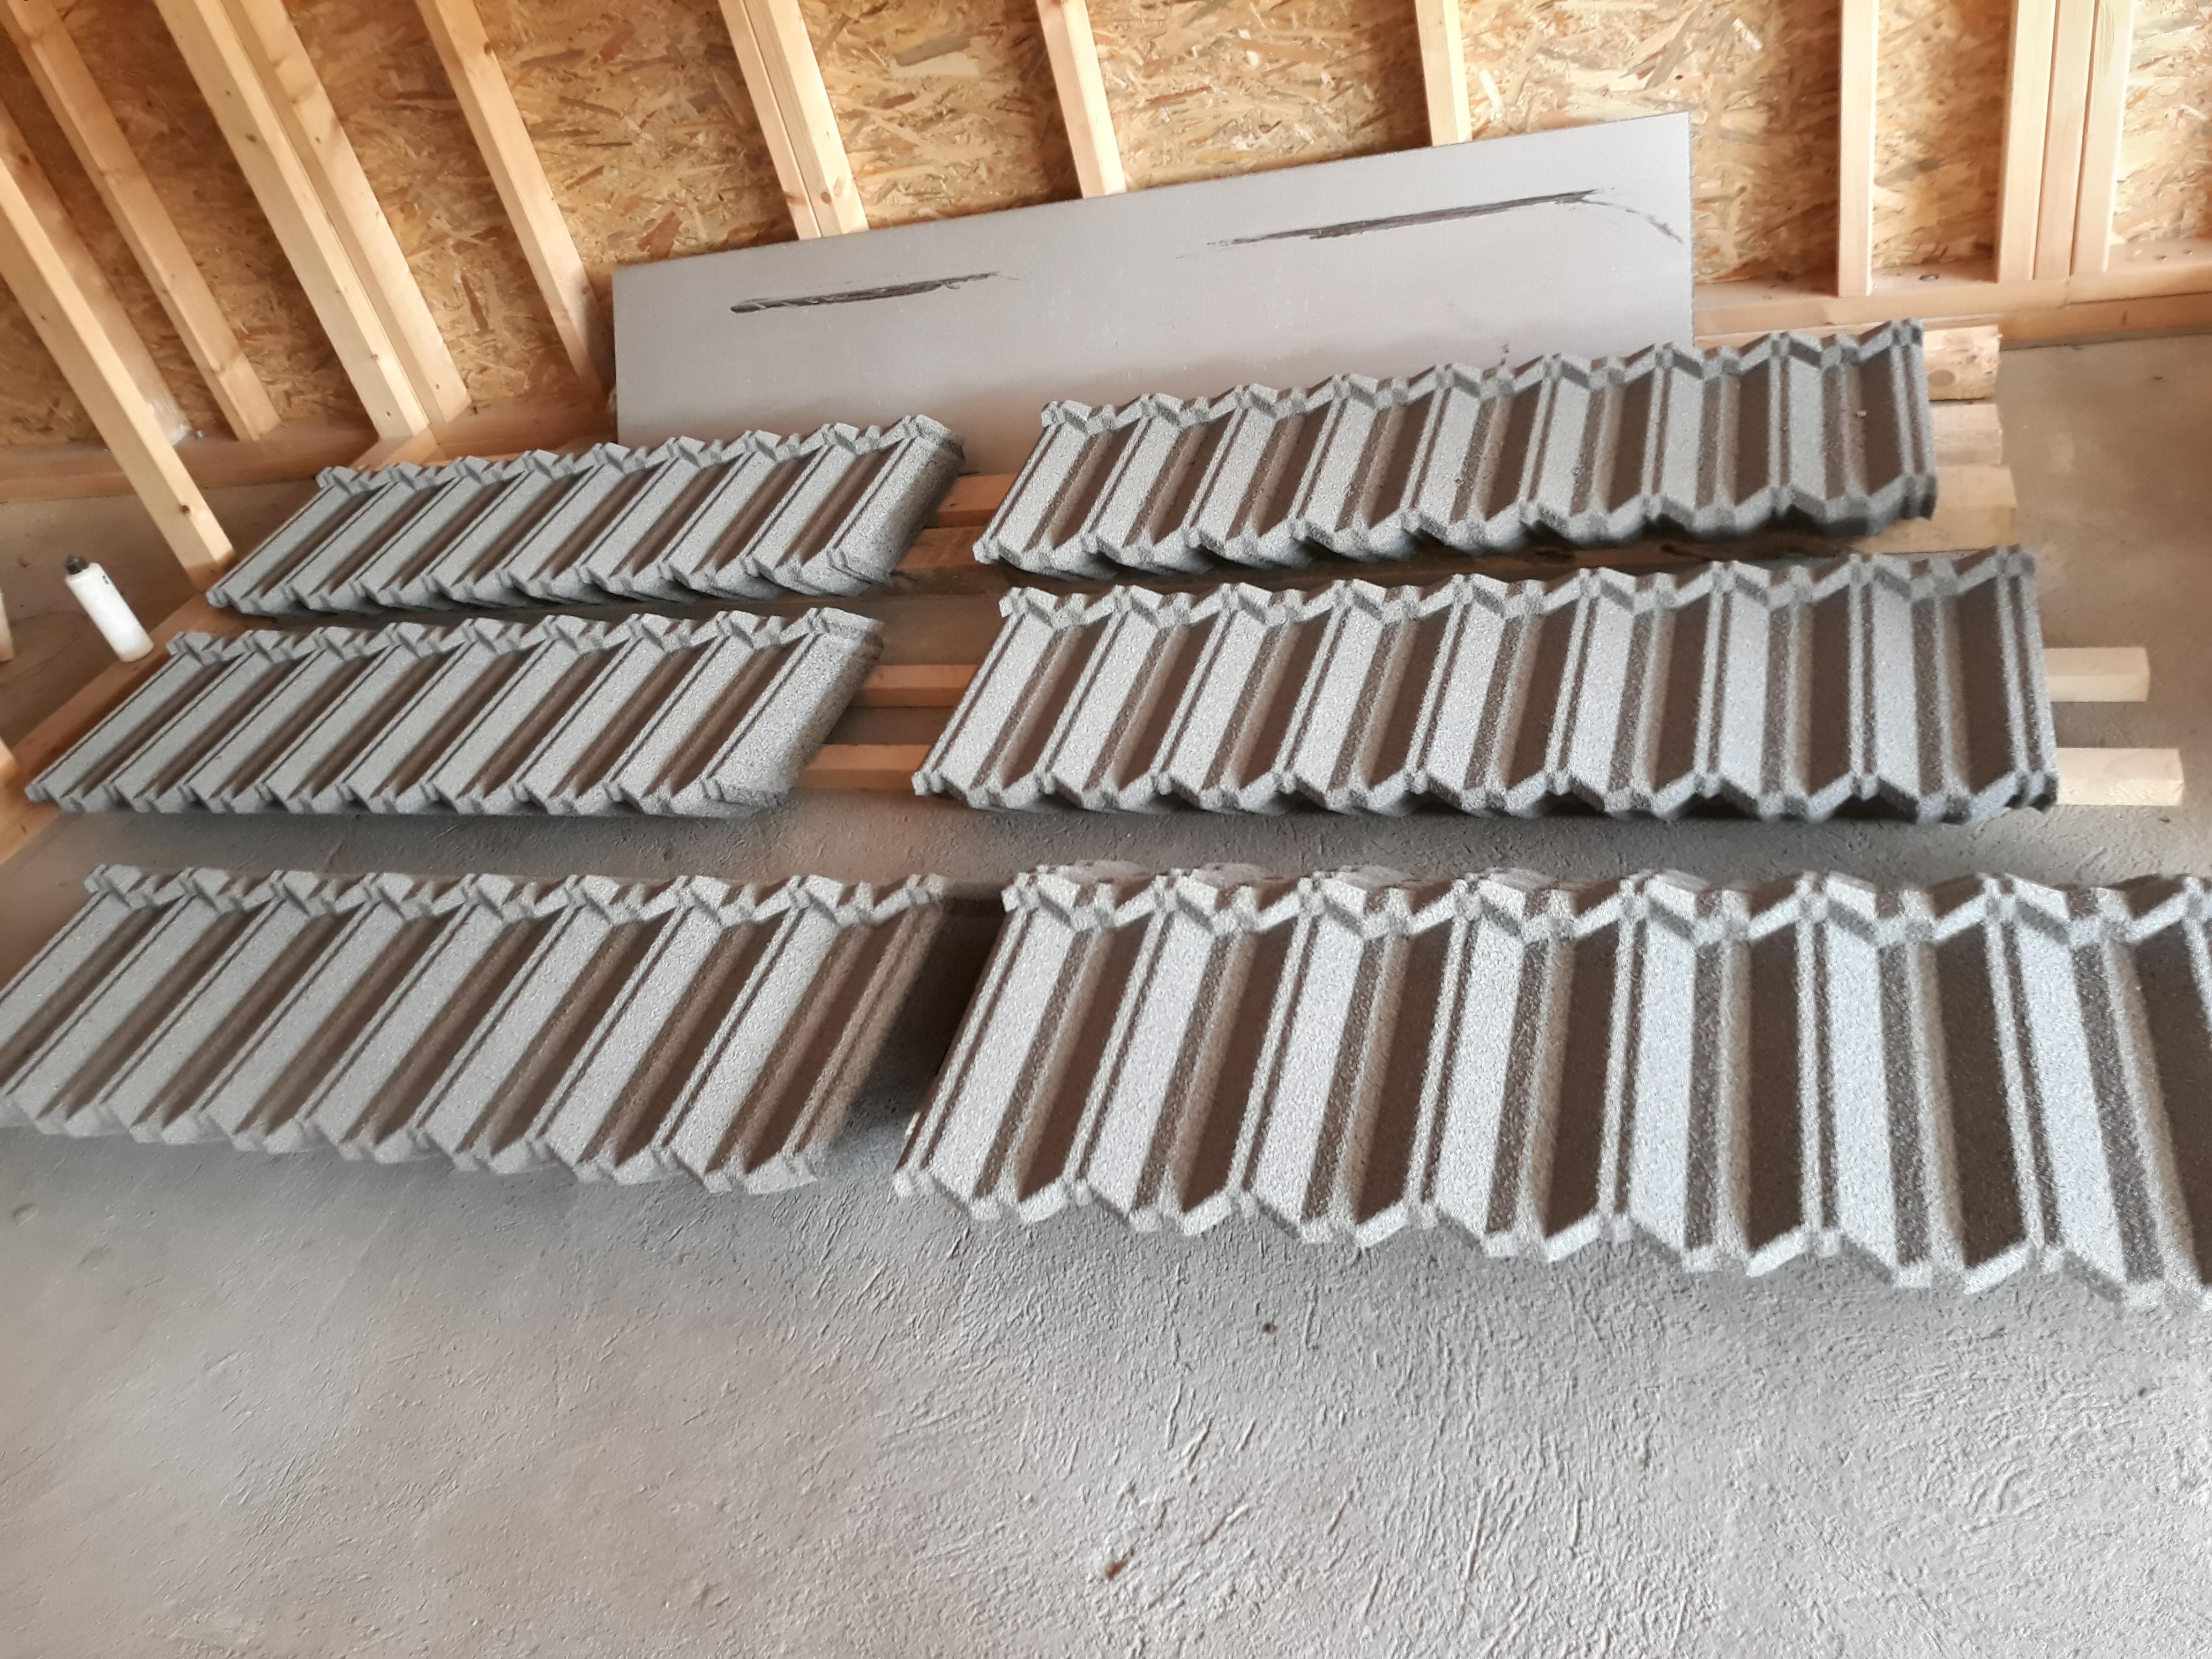 Още довършителни работи и доставка на металните керемиди